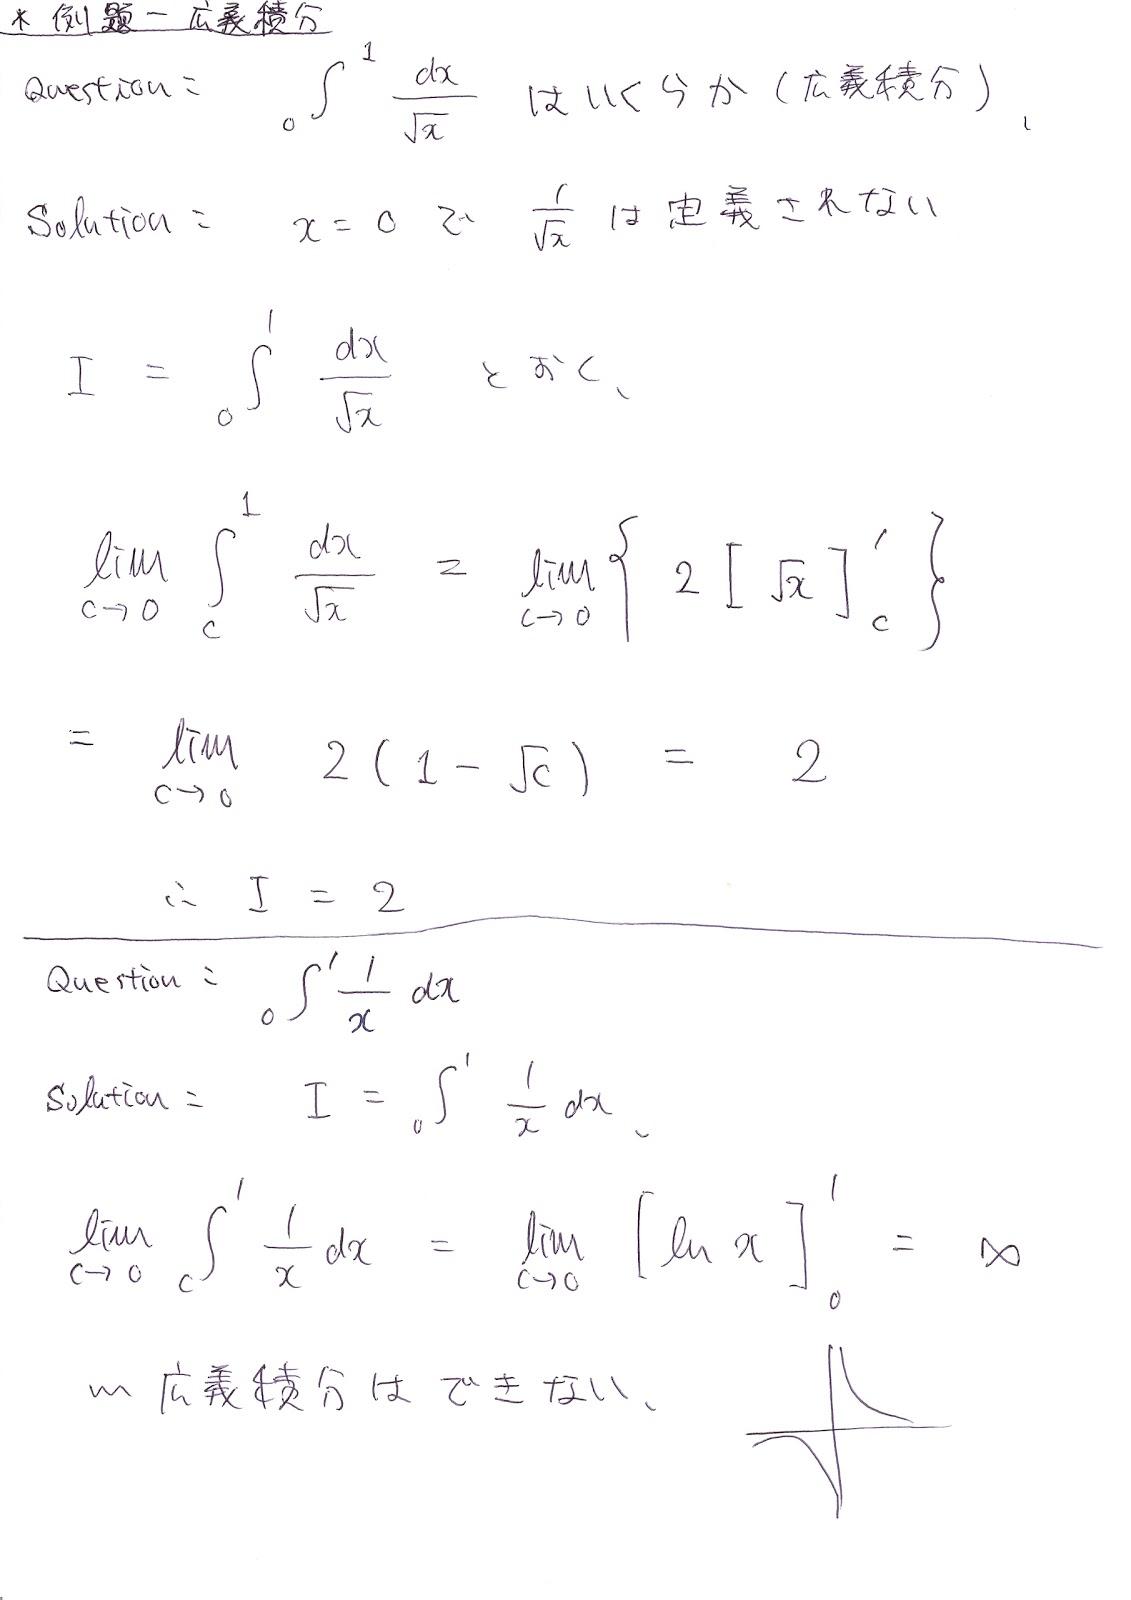 電気磁気工學を學ぶ: 例題 - 広義積分